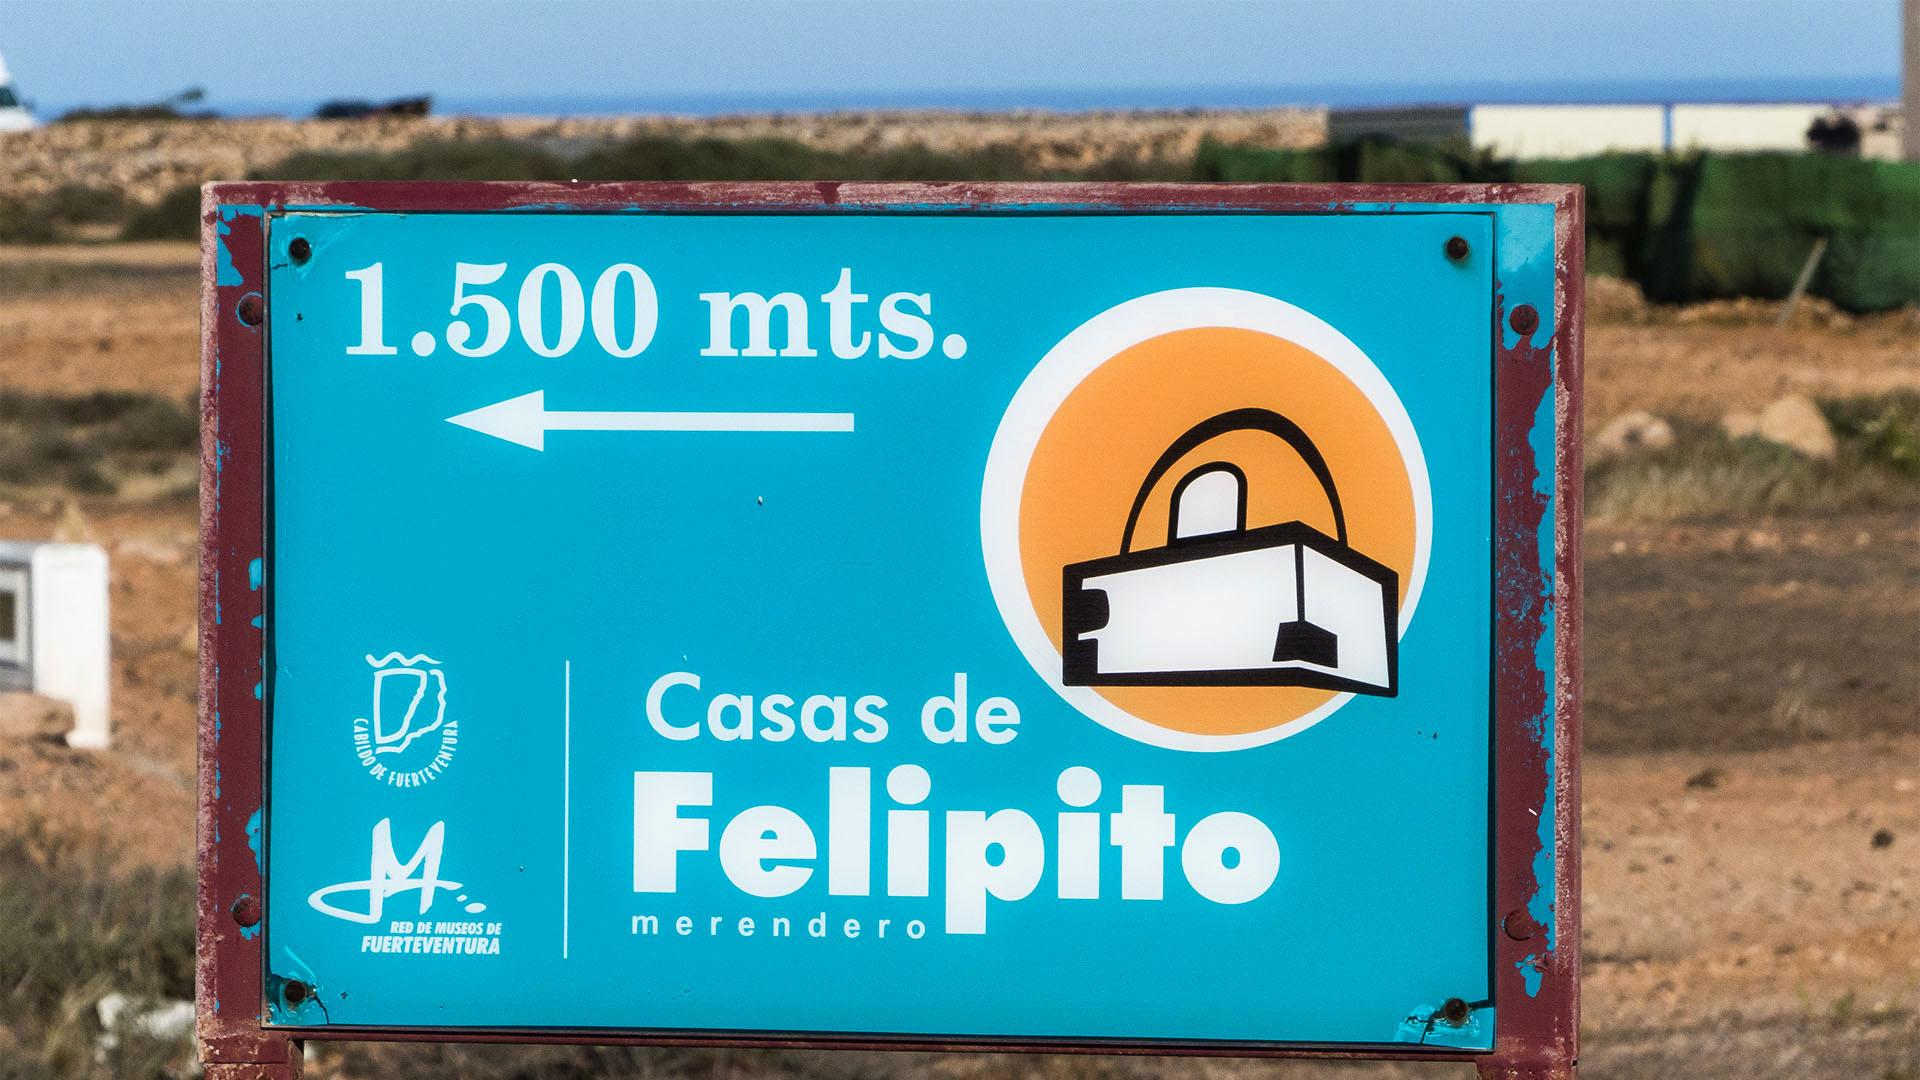 Sehenswürdigkeiten Fuerteventuras: Puerto del Rosario – Finca Felipito